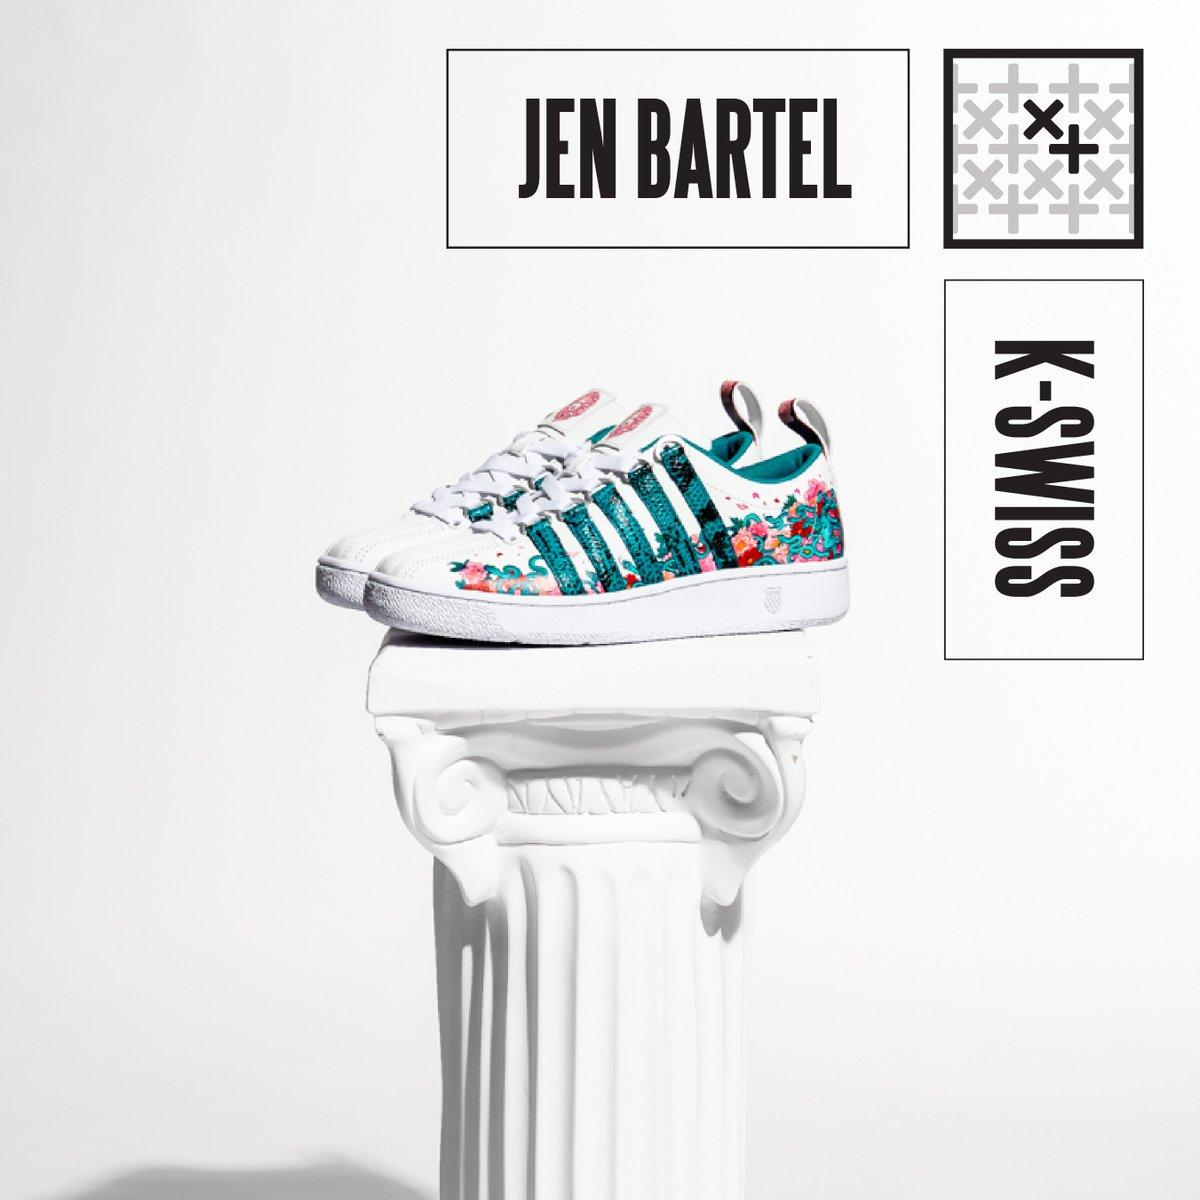 Jen Bartel x K-Swiss dropping tomorrow